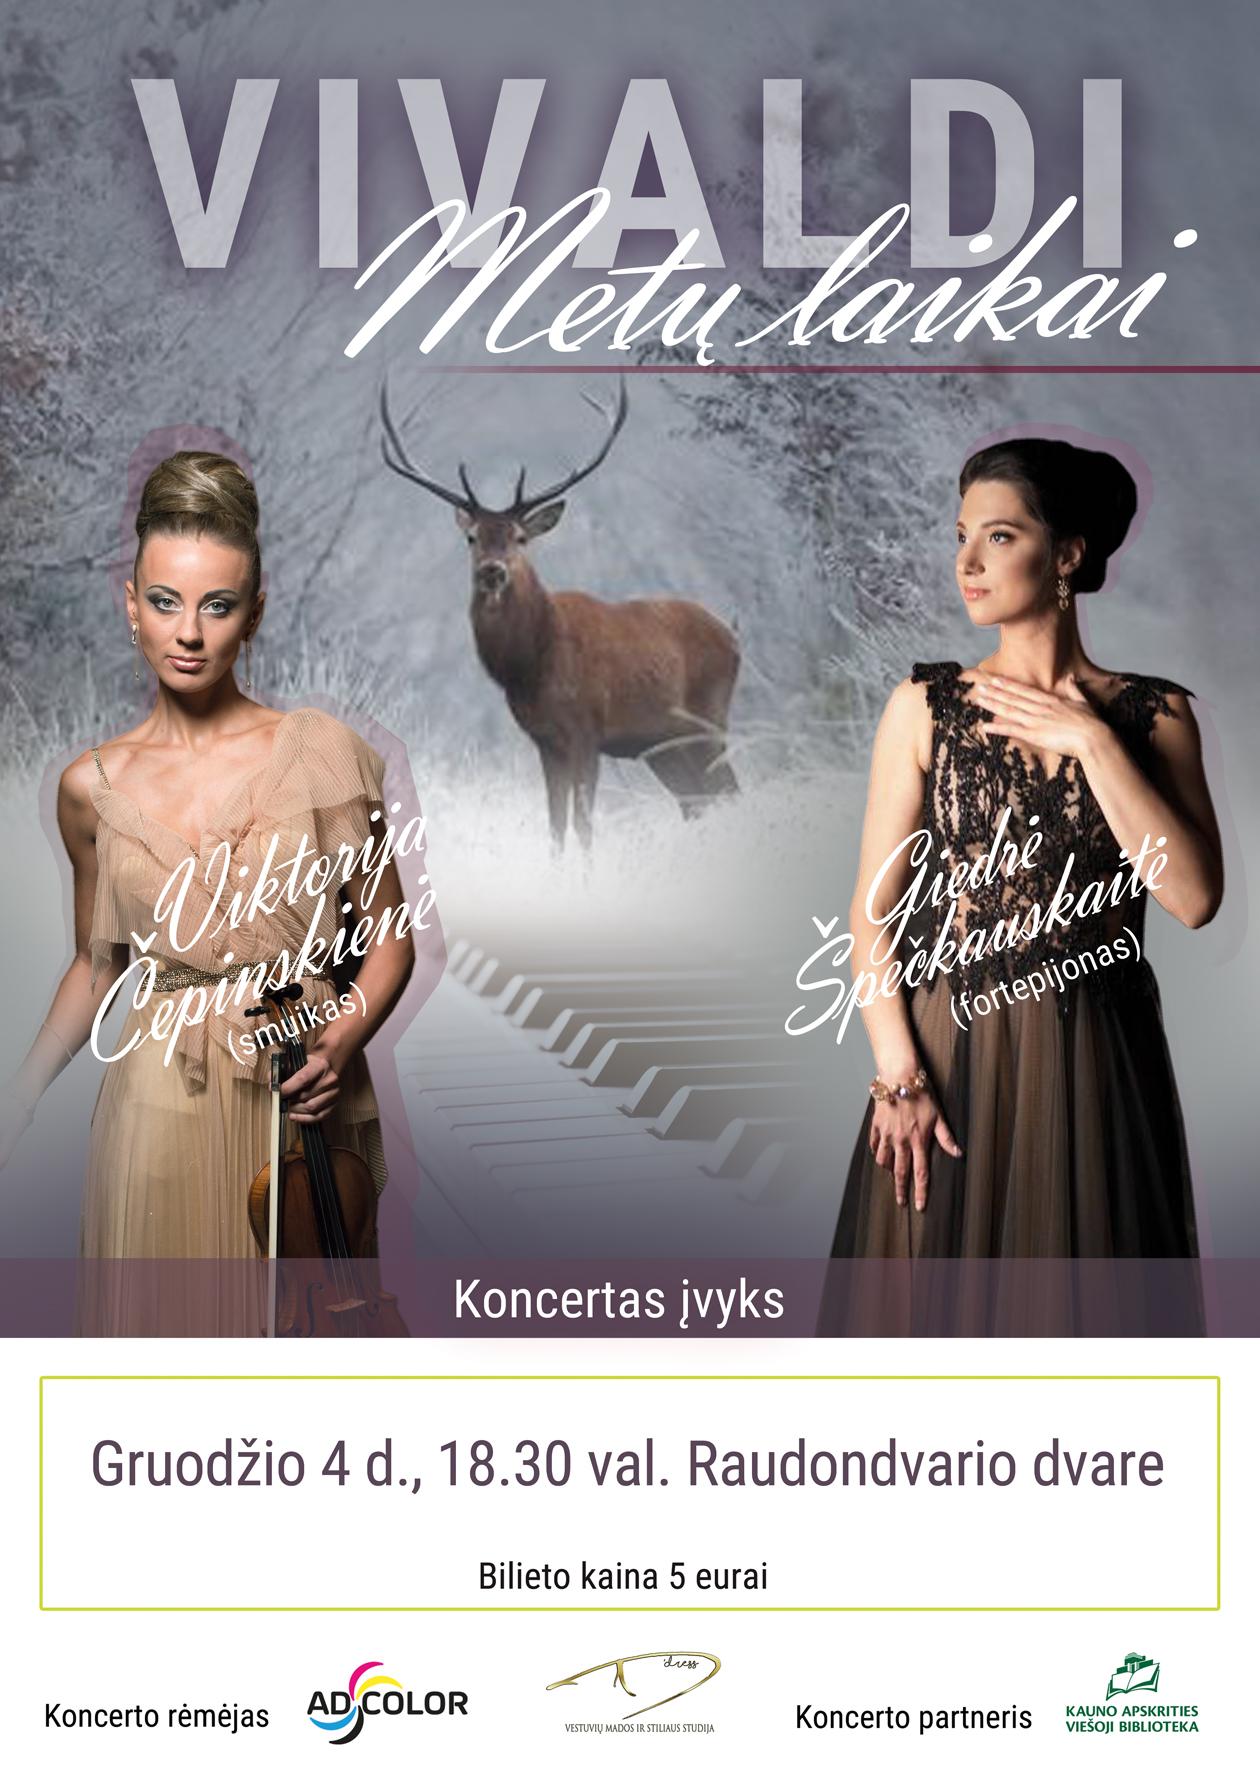 Vivaldi METŲ LAIKAI koncertas gruodžio 4 d. Raudondvario dvaro menų inkubatoriuje